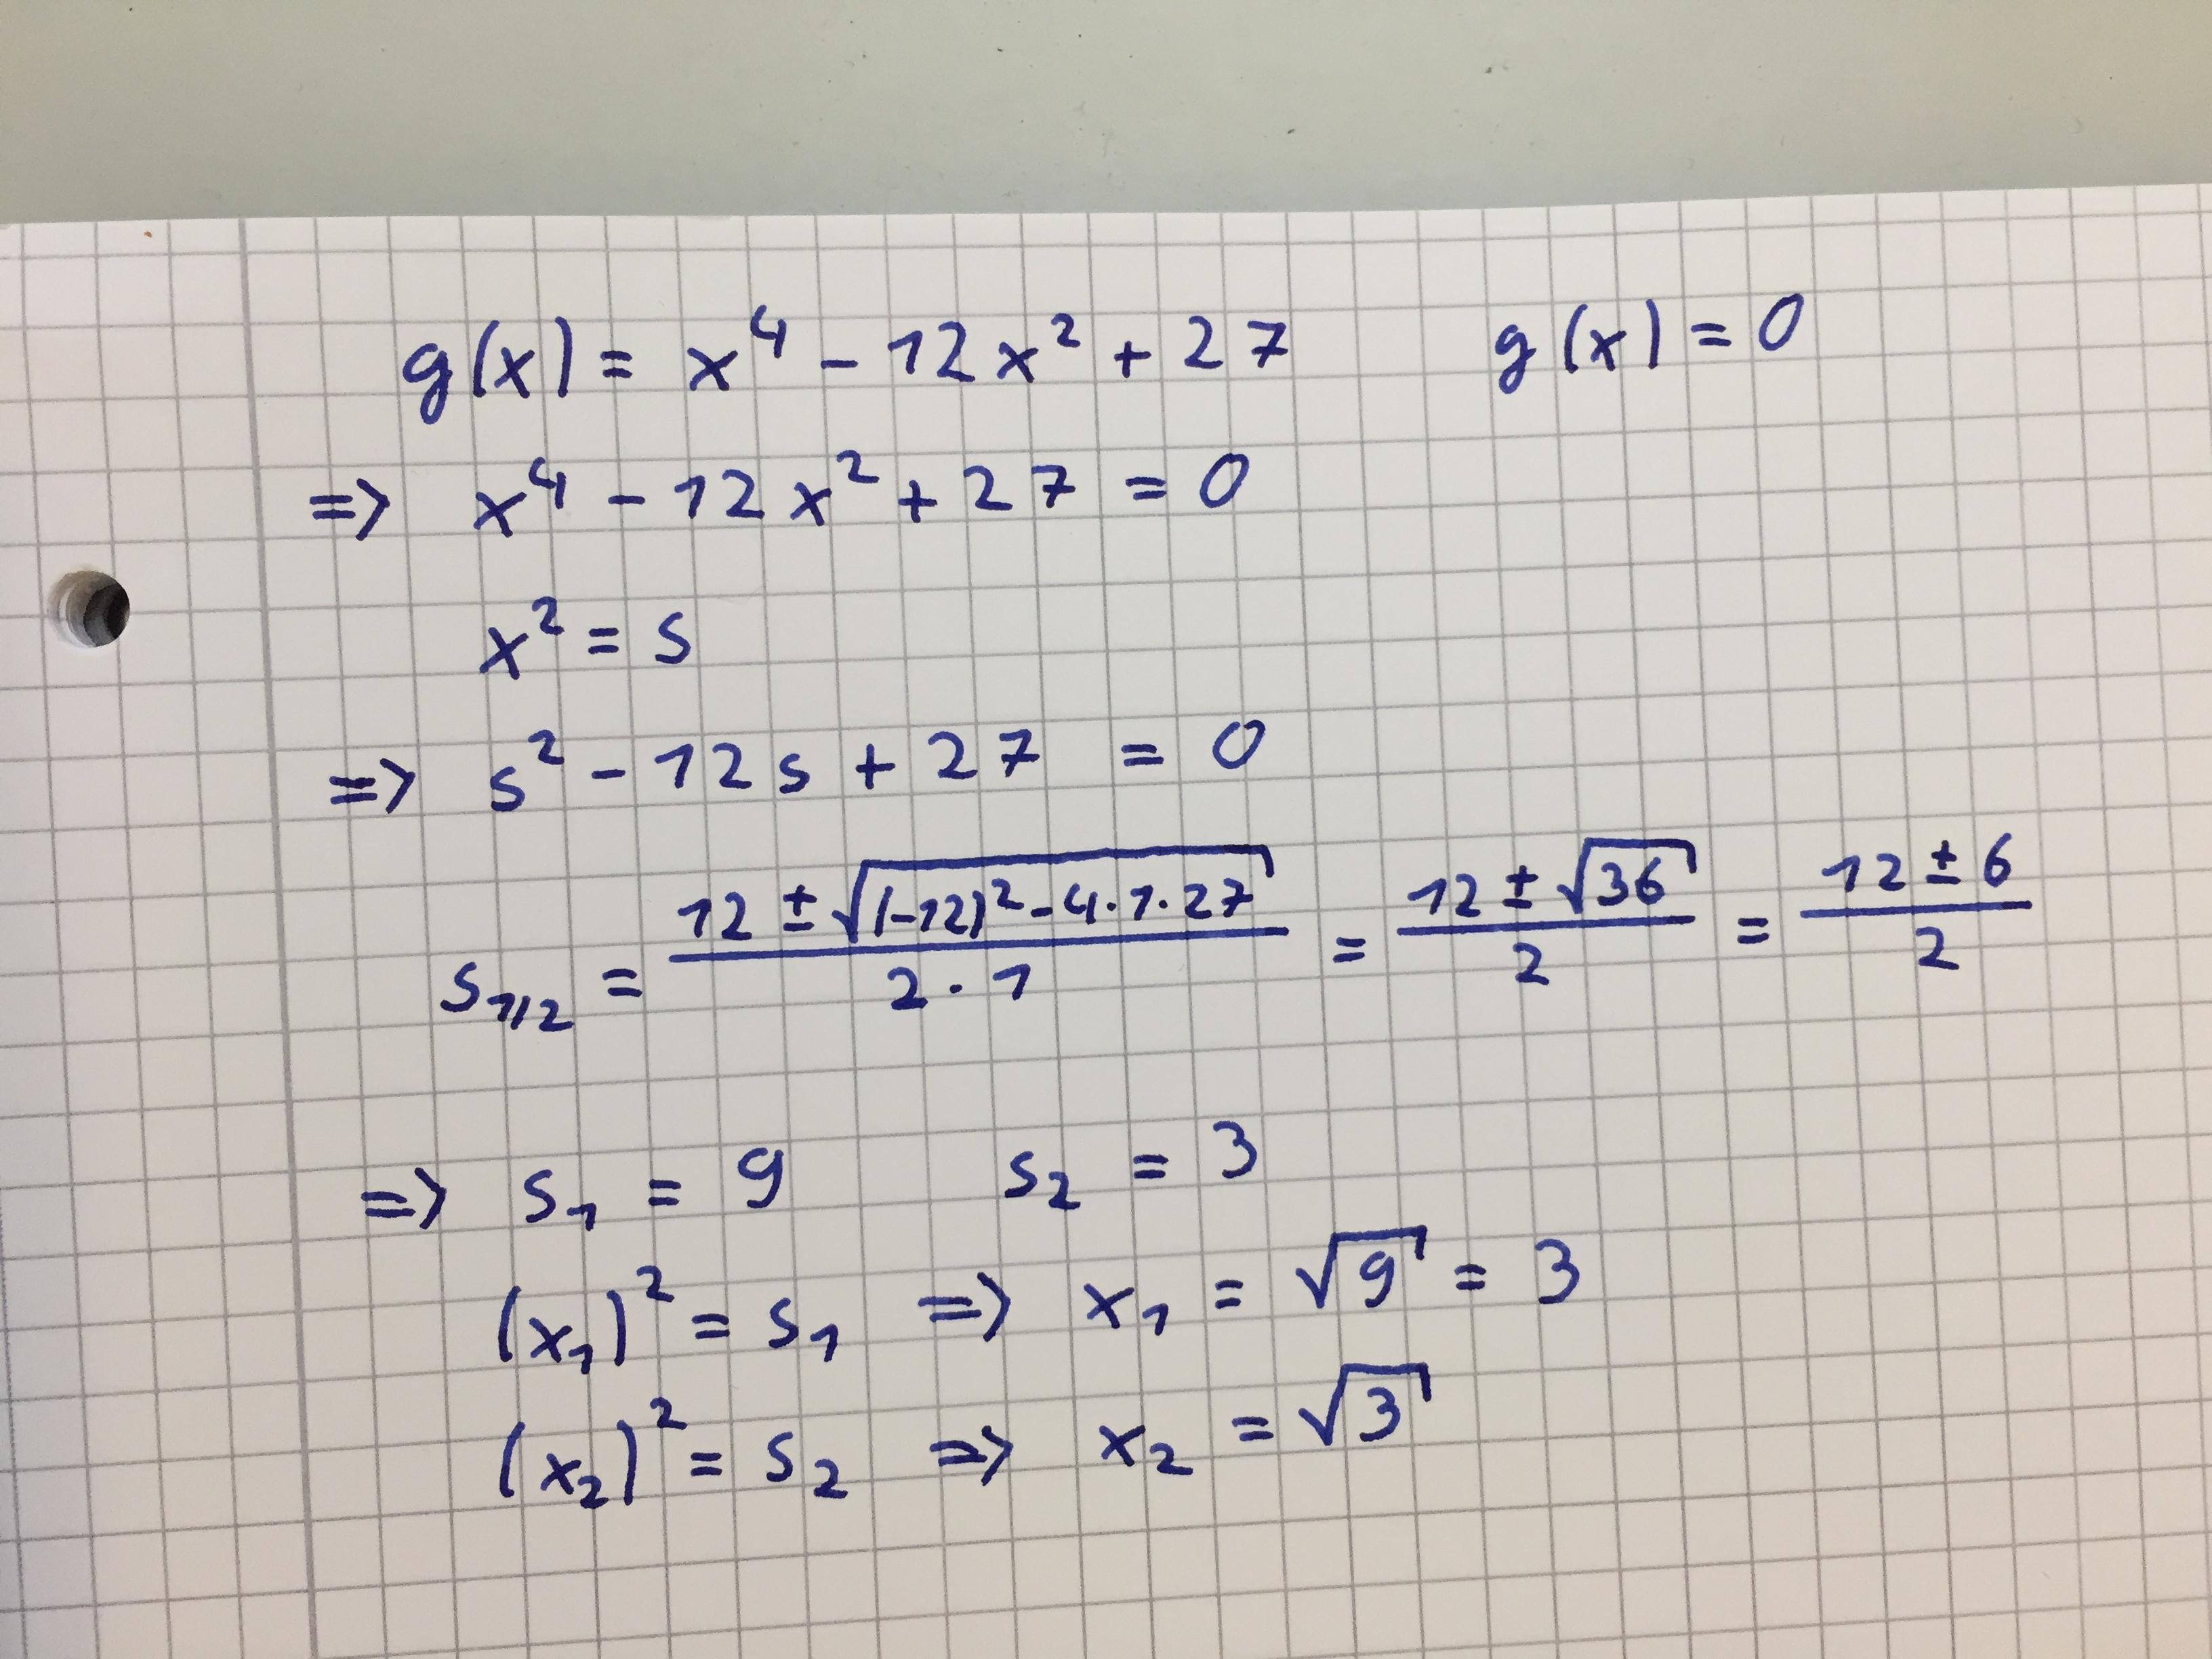 Nullstellenbestimmung mittels Substitution